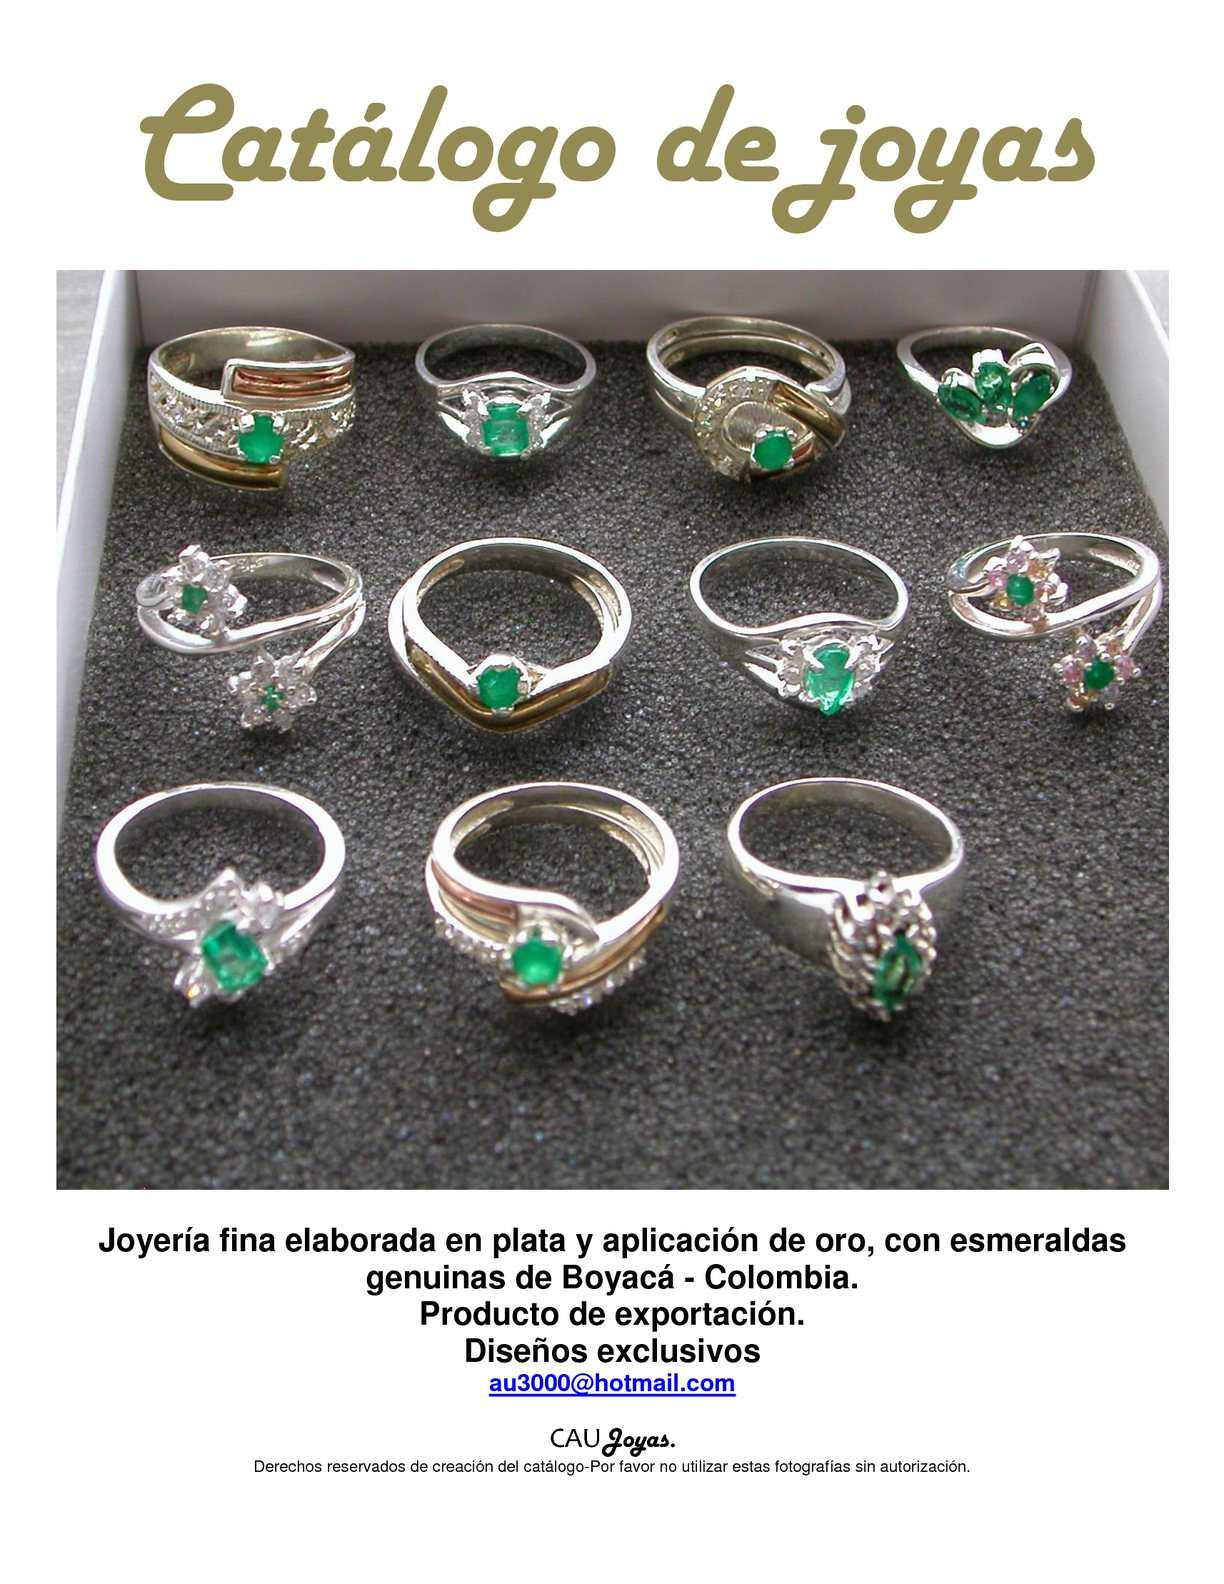 Calam o joyer a en plata con esmeraldas for Disenos de joyas en oro